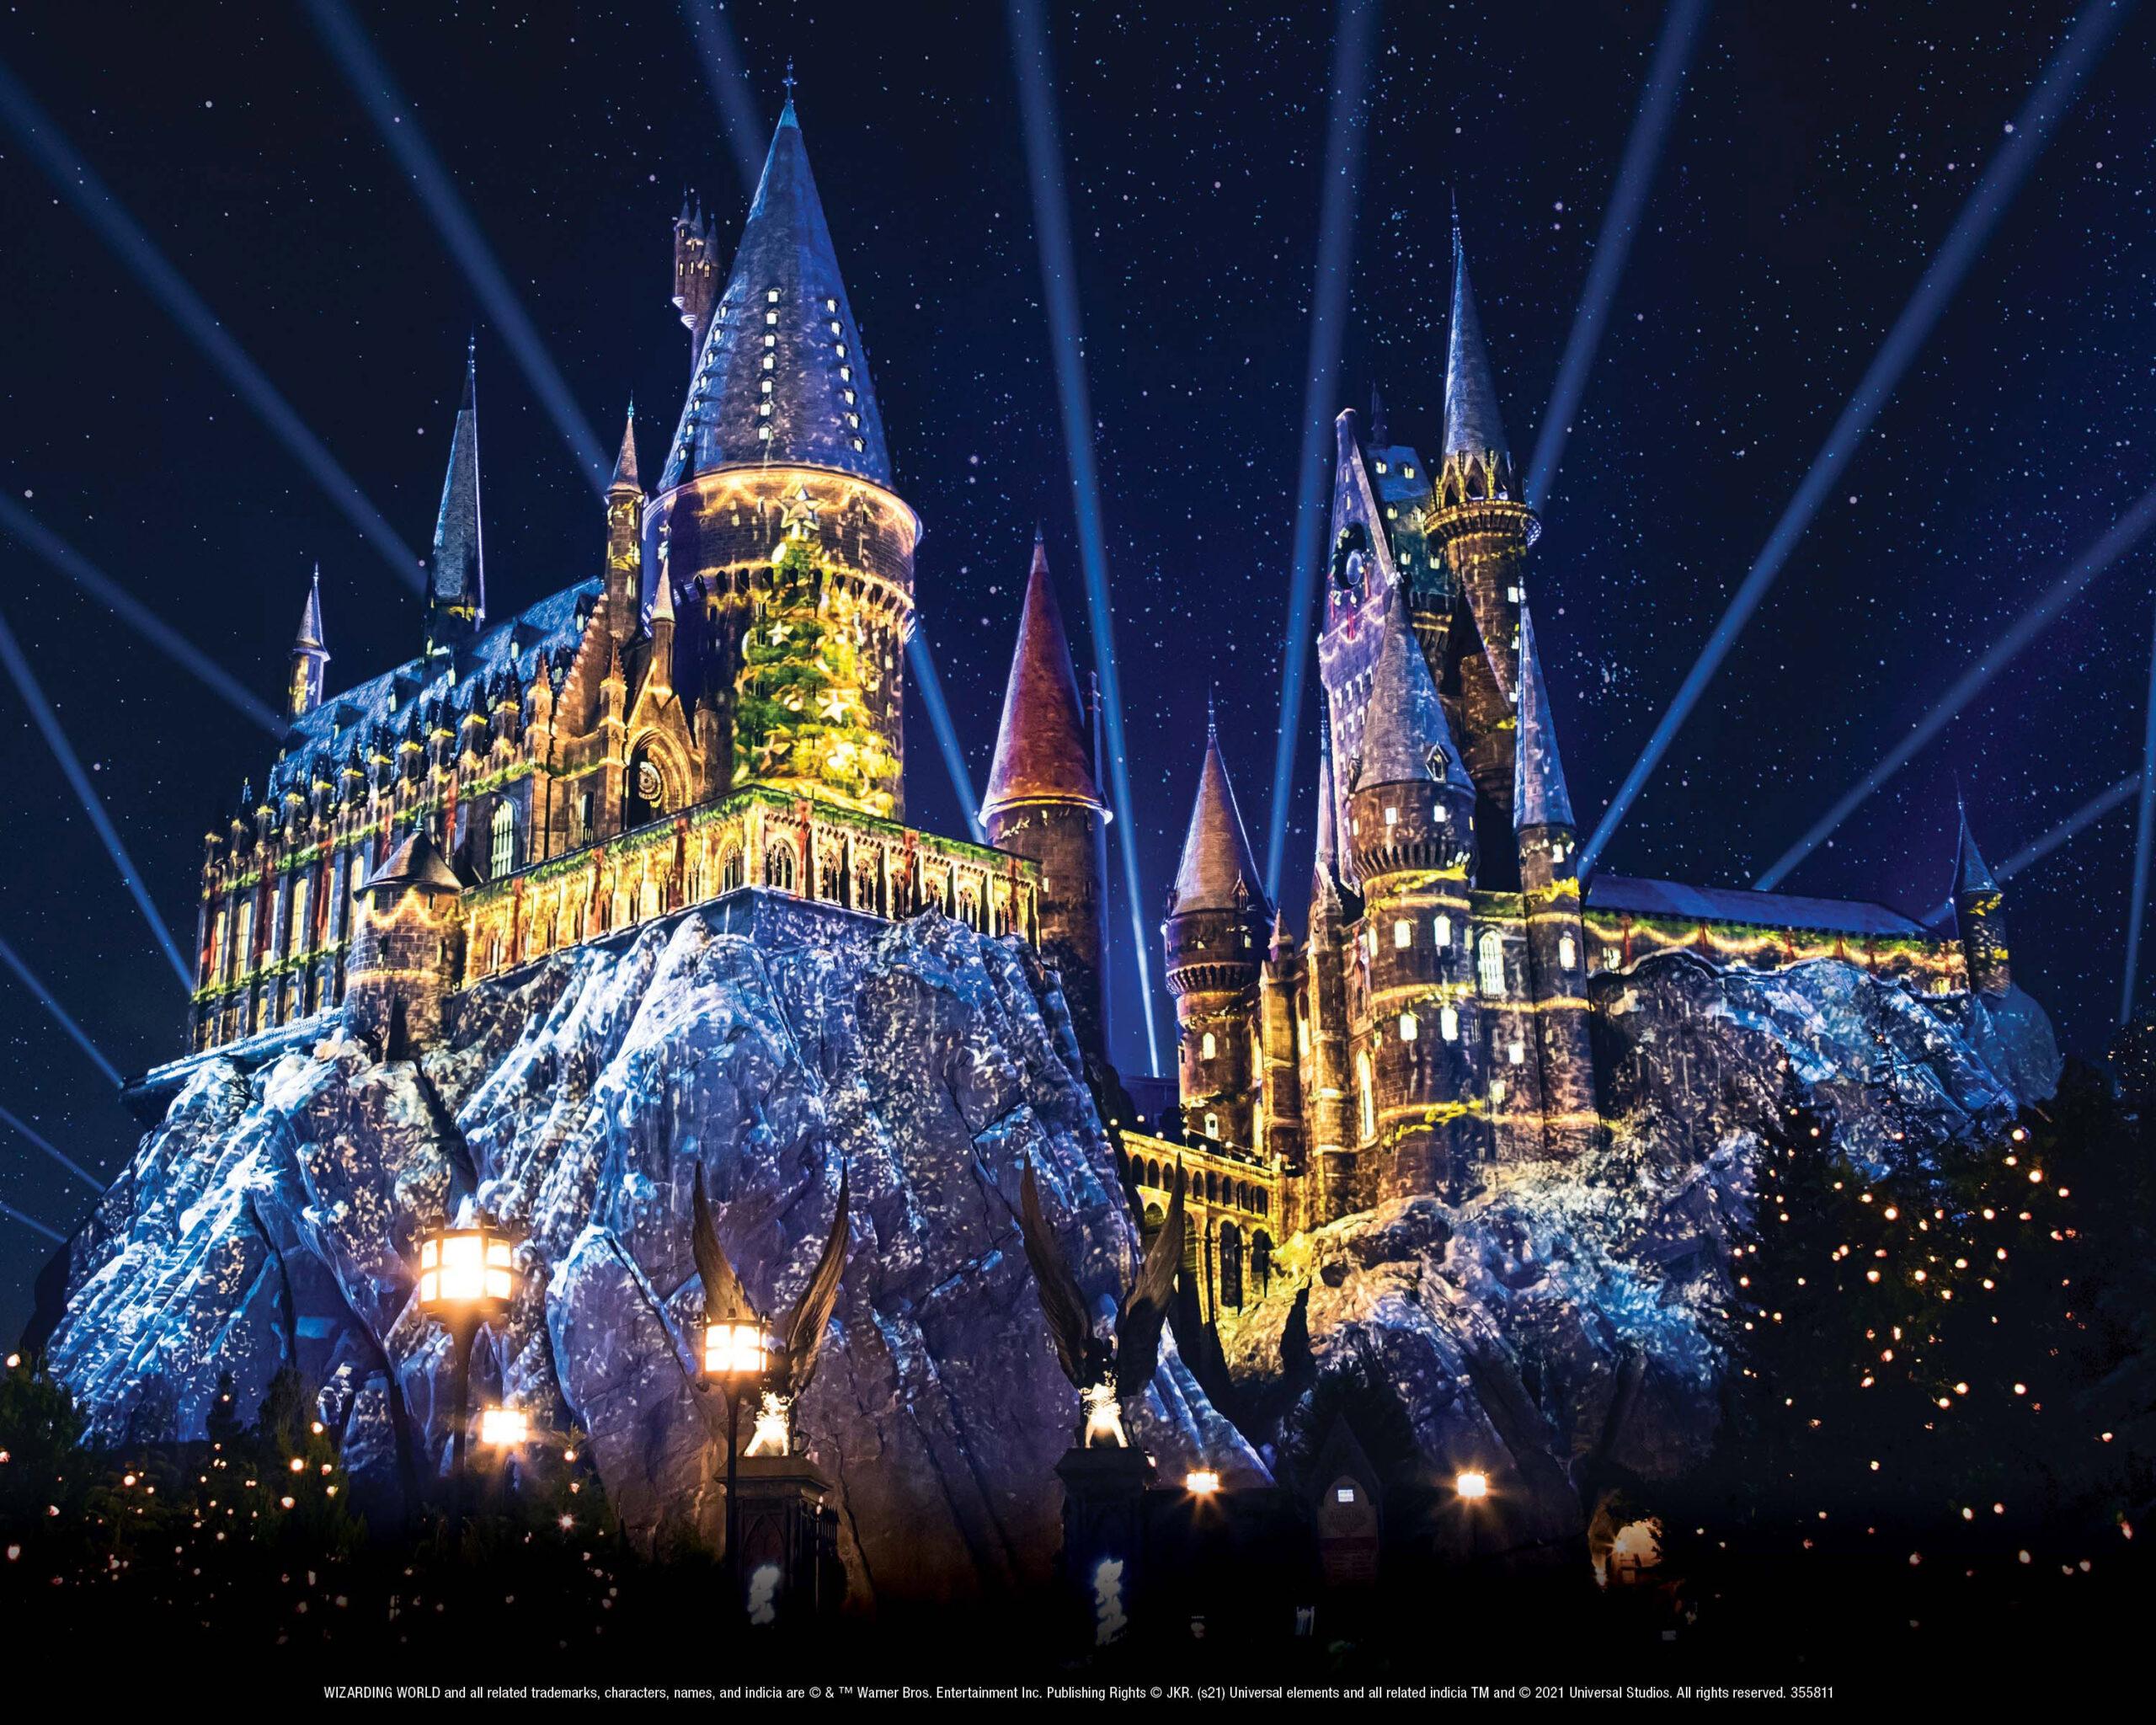 """好萊塢環球影城即將迎來 """"哈利波特魔法世界的聖誕節 """"和 """"鬼靈精怪的聖誕節 """",11月26日星期五至2022年1月2日星期日溫暖回歸"""